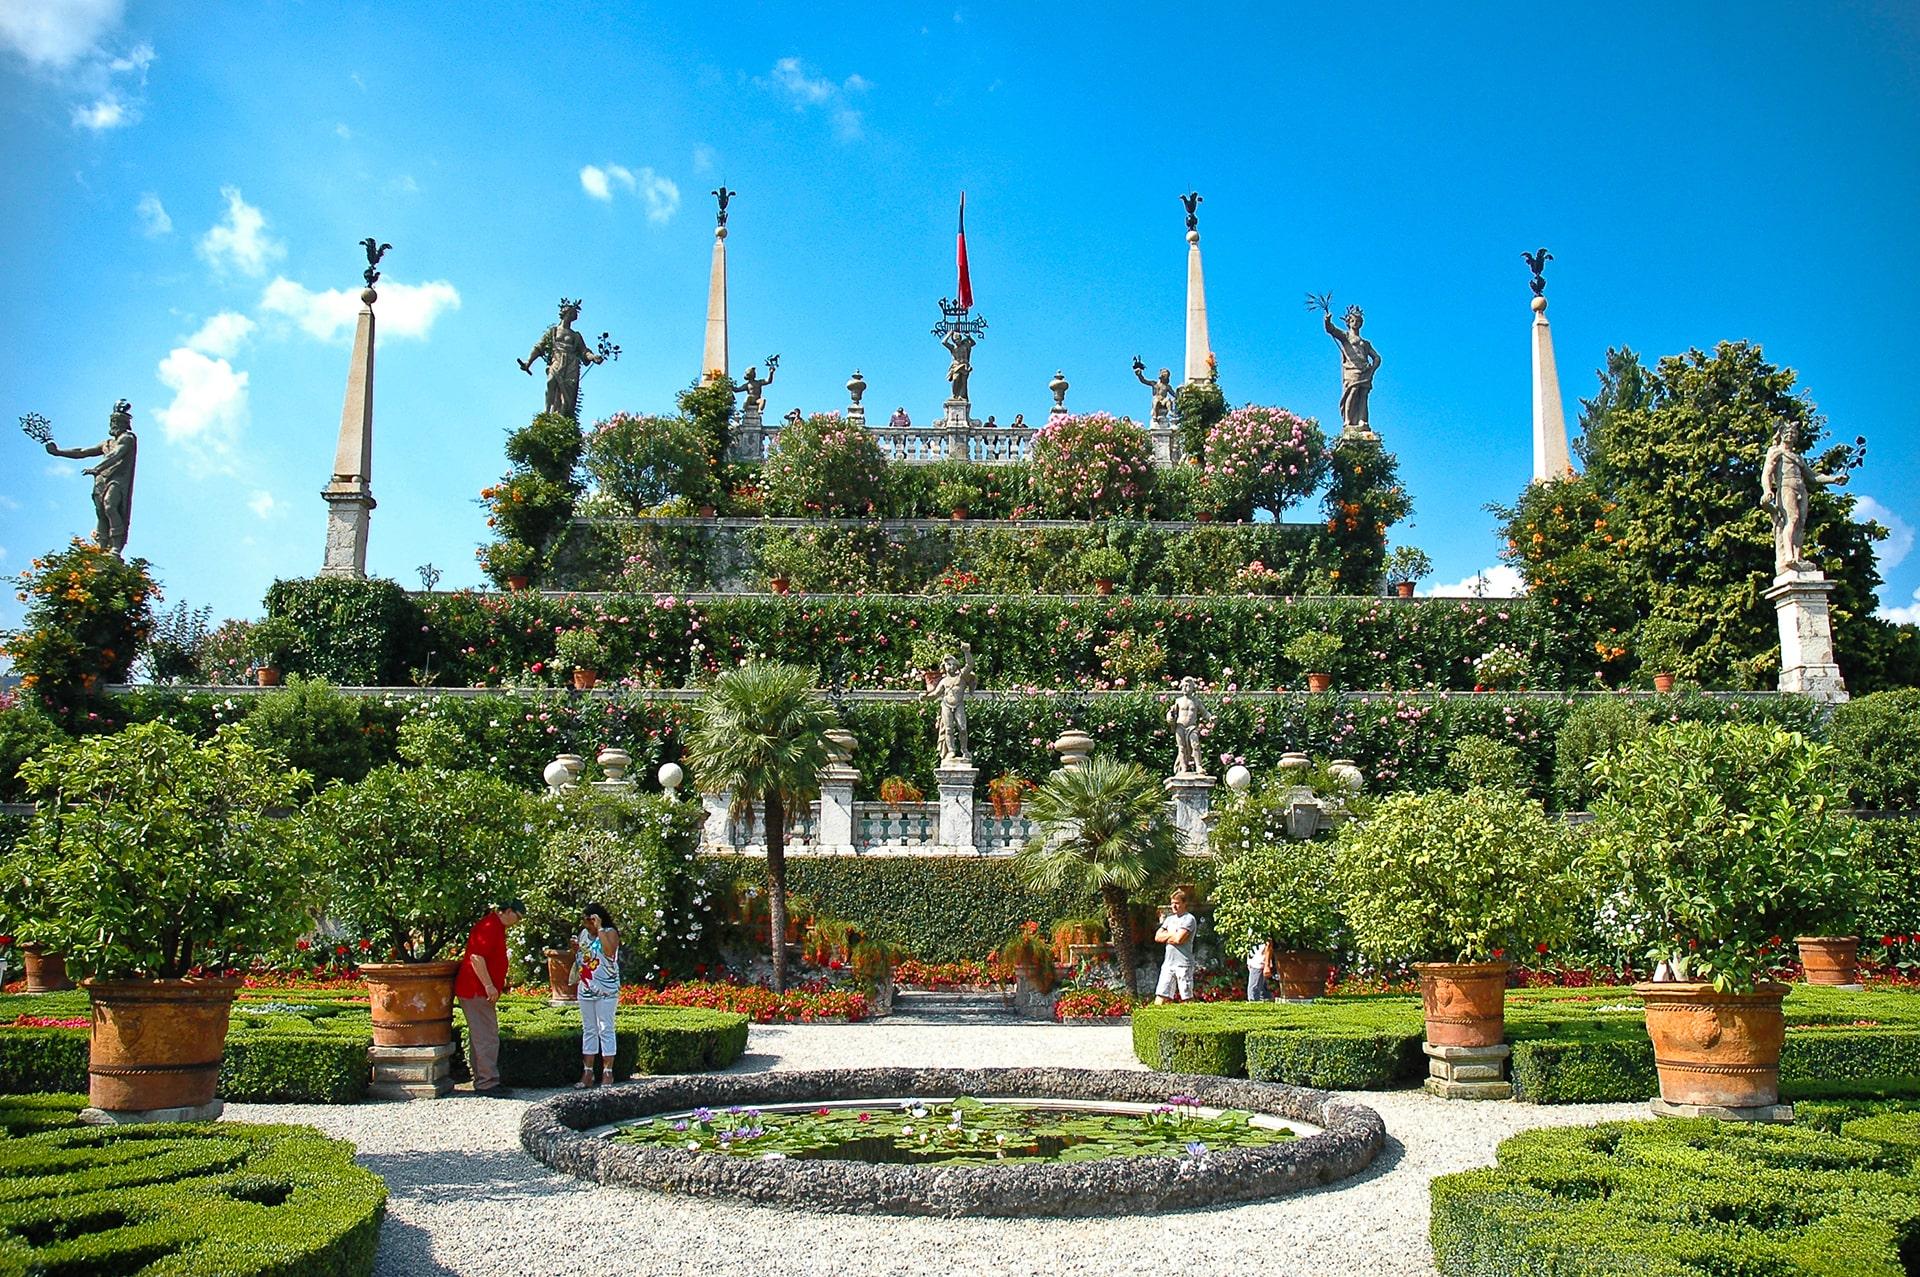 Профилактика появления вредителей в саду. 5 проверенных советов